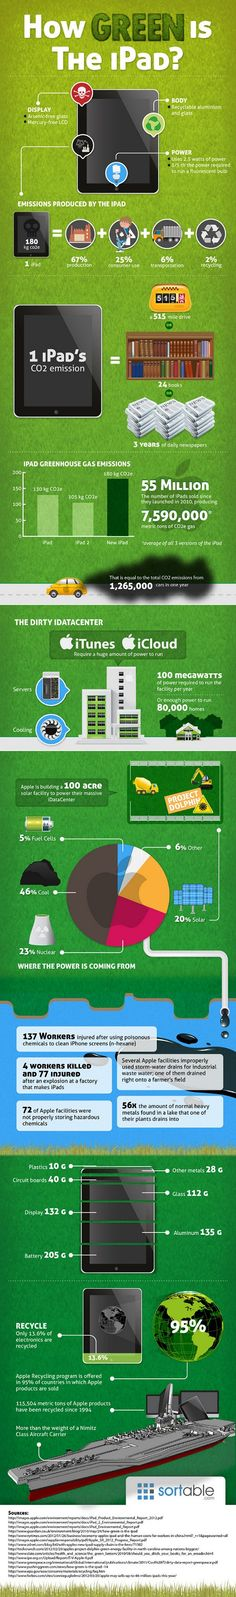 Impacto del iPad de Apple en el Planeta #Infografia